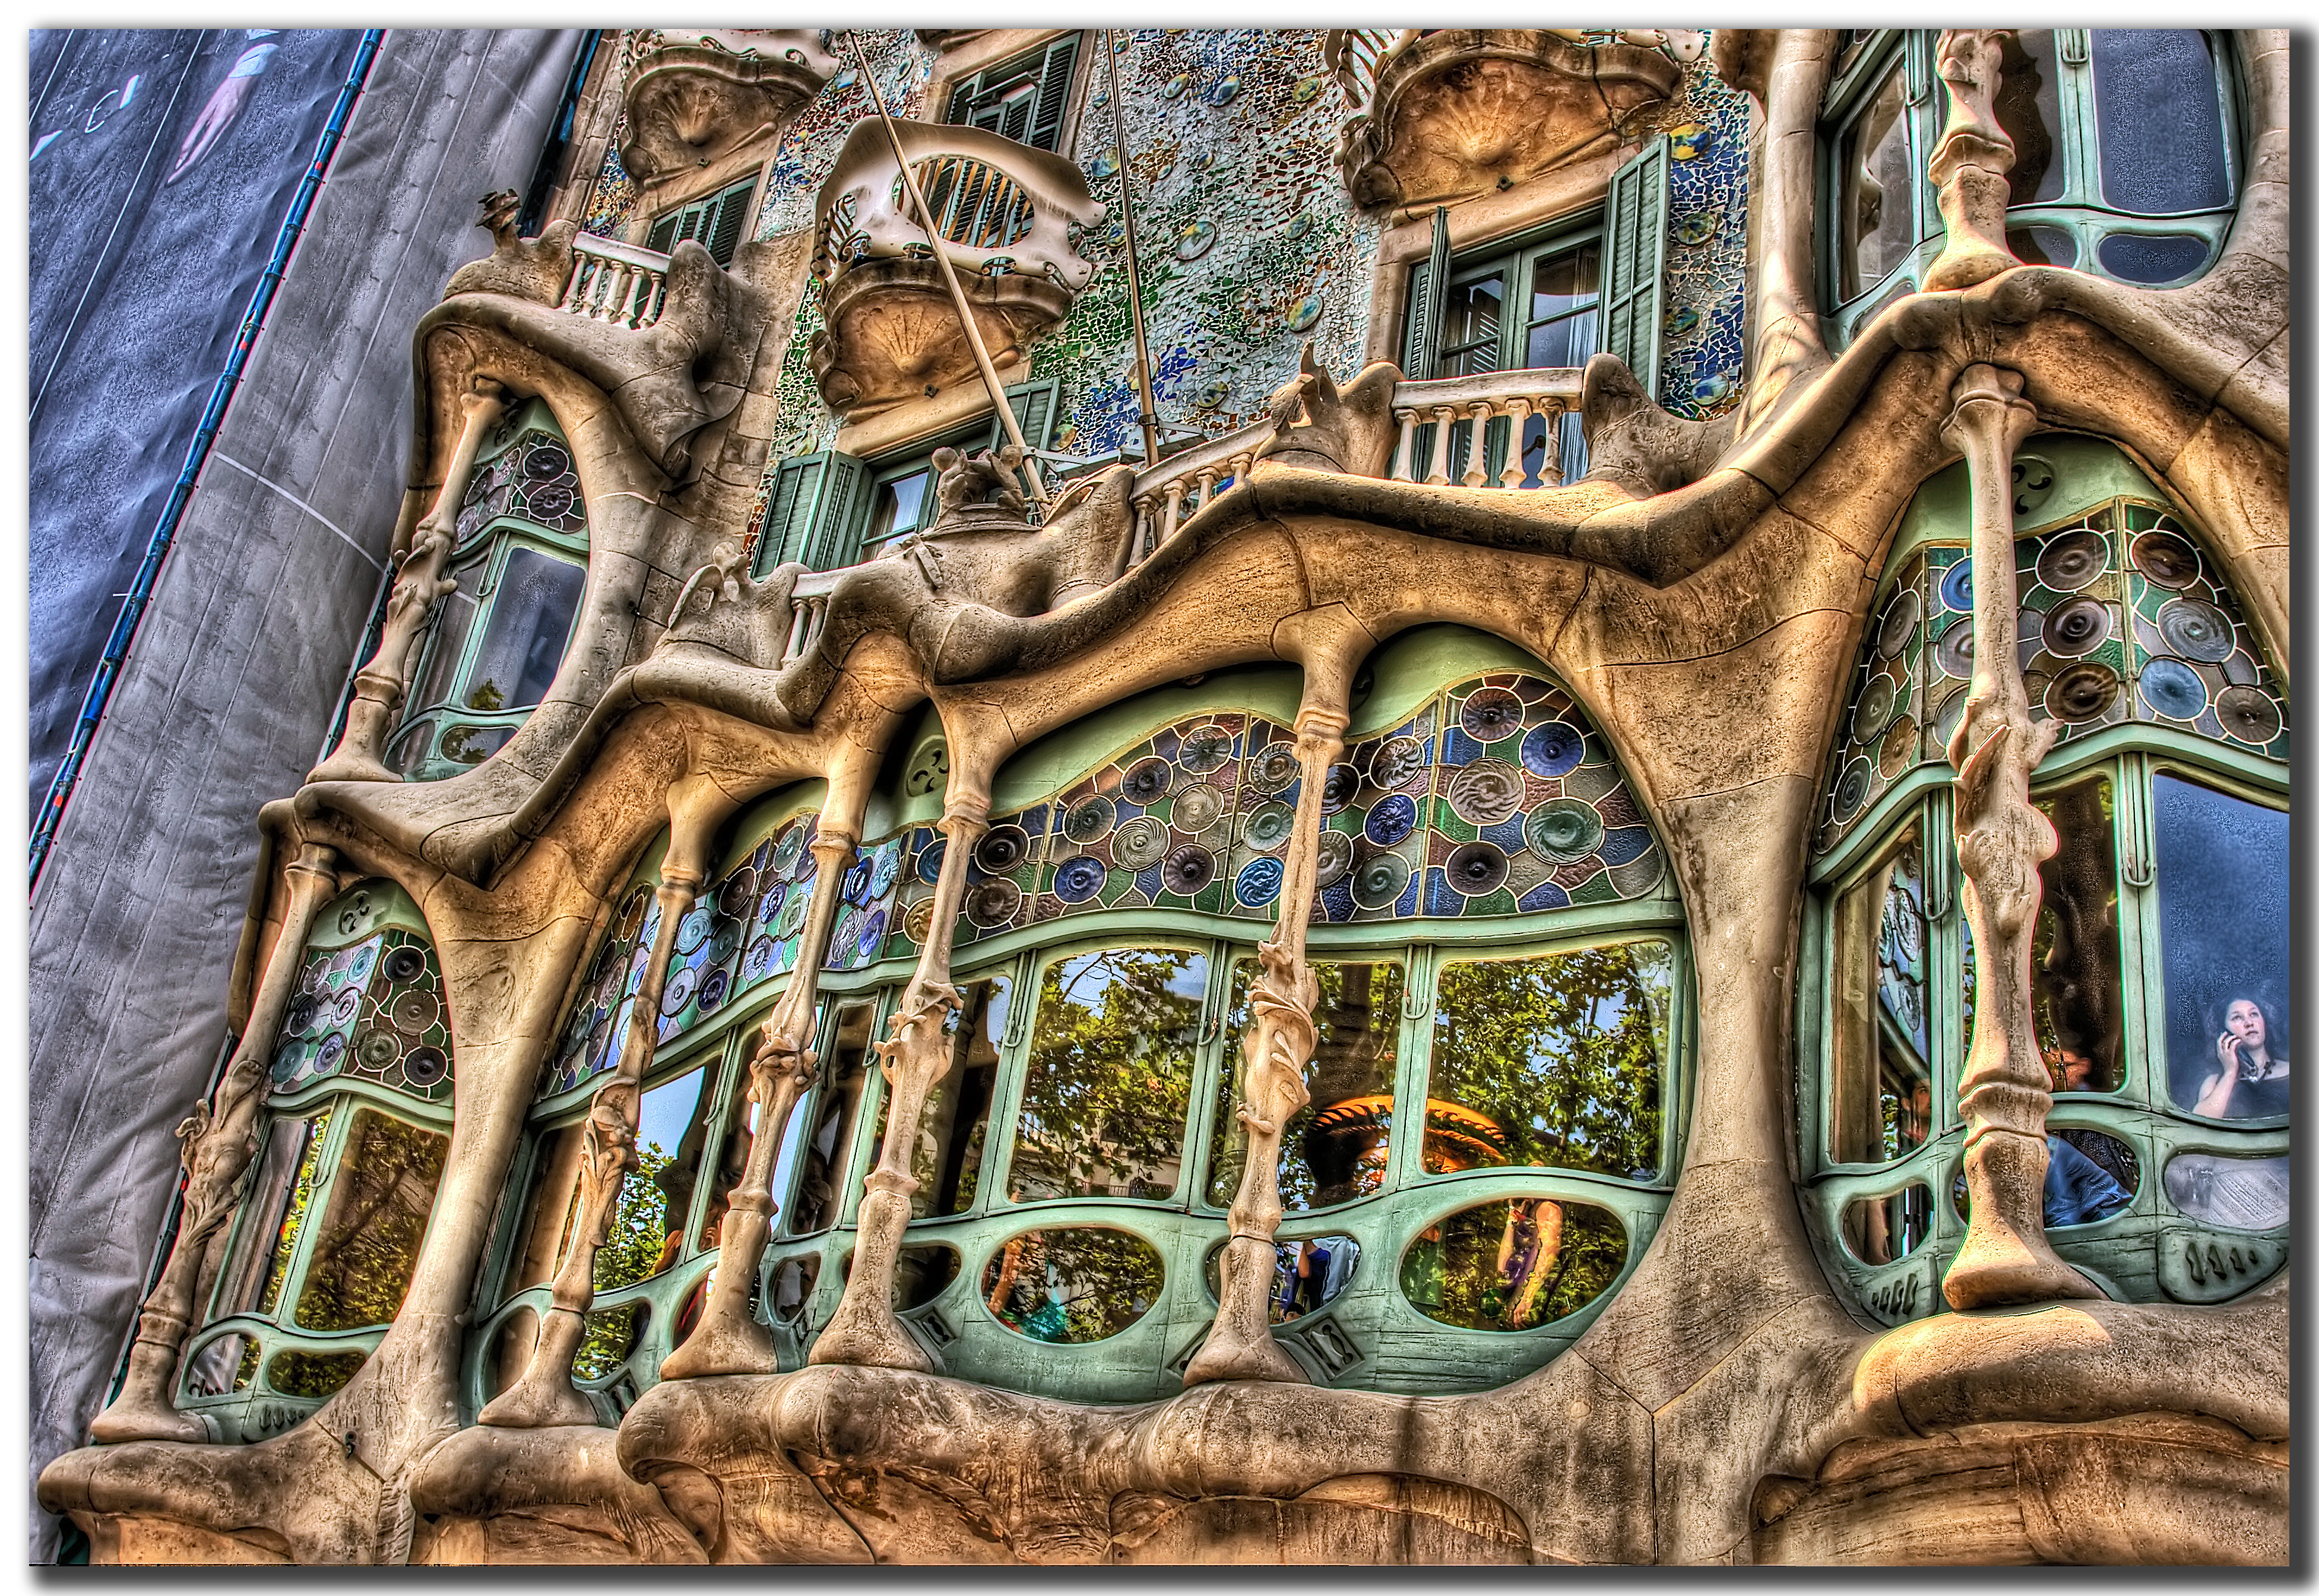 Casa batllo flickr photo sharing - Art nouveau architecture de barcelone revisitee ...